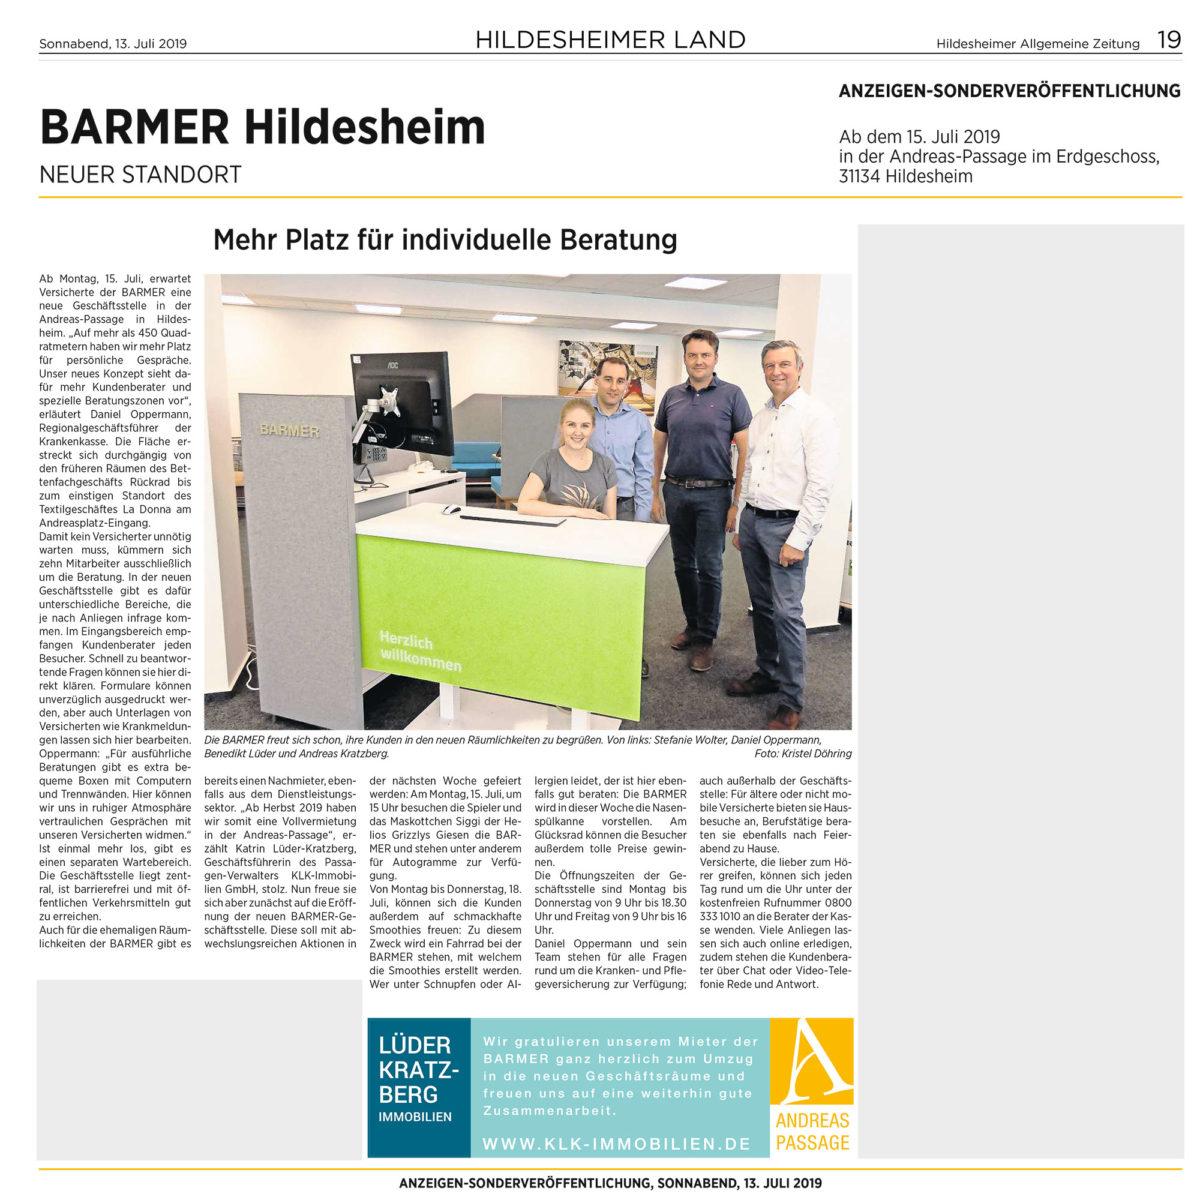 Pflegeschule des BK eröffnet eine Außenstelle in der Andreas-Passage